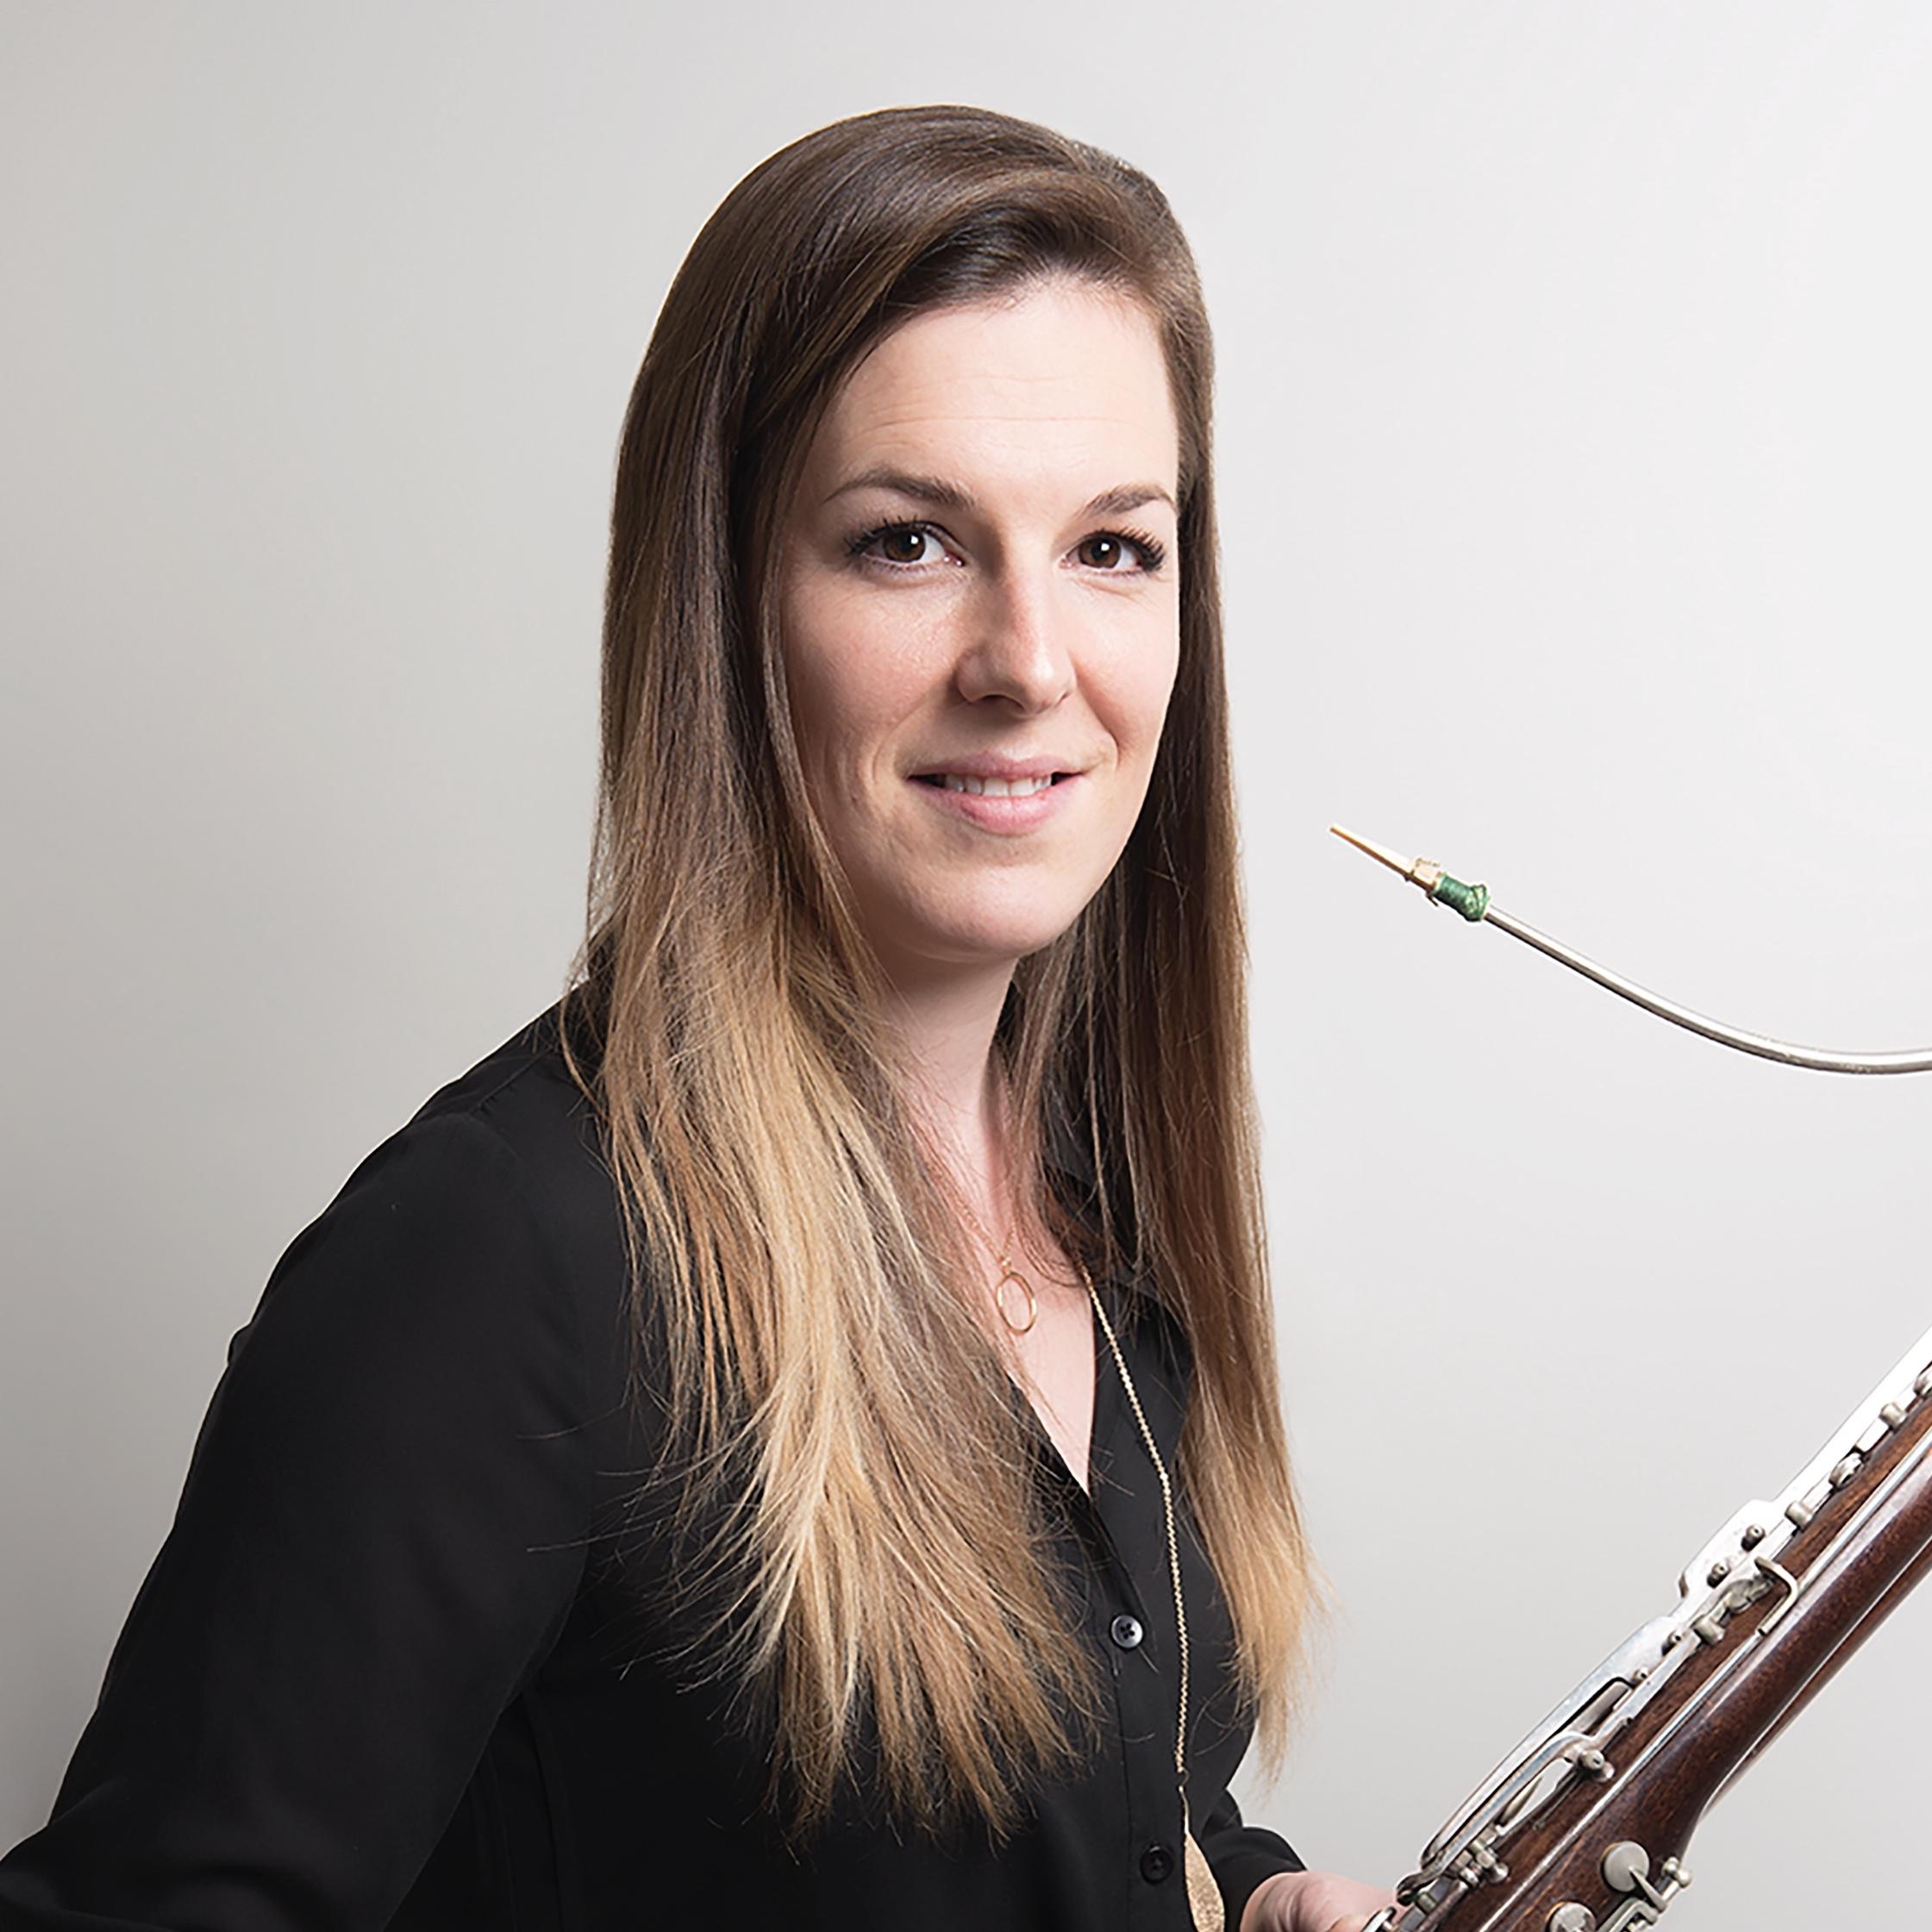 Isabelle Lépine - Isabelle Lépine obtient, en 2005, son baccalauréat du conservatoire de musique de Québec dans la classe du basson solo de l'Orchestre Symphonique de Québec, Richard Gagnon, et en 2007, sa maîtrise en interprétation de l'Université d'Ottawa auprès du soliste et basson solo de l'Orchestre du Centre national des Arts Christopher Millard. Isabelle a participé à un grand nombre de stages dont celui de l'Académie Domaine Forget, le Centre d'arts Orford et le programme de musique de chambre du Centre national des Arts. On la compte aussi parmi deux tournées de l'Orchestre National desJeunes du Canada à l'été 2005 et 2006. Elle a suivi des cours de maître auprès de Stéphane Lévesque, Mathieu Harel, David Carroll, John Clouser, Whitney Crockett et Daniele Damiano.En tant que surnuméraire, Isabelle est souvent appelée à jouer du basson et du contrebasson auprès de différents ensembles tels que l'Orchestre Symphonique deQuébec, Les Violons du Roy,l'Orchestre Symphonique de Trois-Rivières,l'OrchestreSymphonique de Kingston,l'Orchestre Symphonique du Saguenay-Lac-Saint-Jean et l'Orchestre Symphonique d'Ottawa, elle occupe le poste de deuxième basson à l'Orchestre Symphonique de l'Estuaire. Elle est membre du trio d'anche Ventus Operandiavec le clarinettiste Stéphane Fontaine et le hautboïste Vincent Boilard. Elle s'est produite en tant que soliste accompagnée par l'Orchestre Symphonique de Lévis ainsi que l'Orchestre Symphoniquede Pembroke. Sa conception du monde musical ne pourrait être complète sans la compréhension de la fabrication de son instrument, la réparation d'instrument fait partie de ses passions tout comme l'enseignement et le travail auprès des jeunes ce qui l'a amené à s'associer avec le Camp Musical Saint-Alexandre depuis de nombreuses années. Elle espère pouvoir participer au développement et l'accessibilité des arts dans sa communauté.